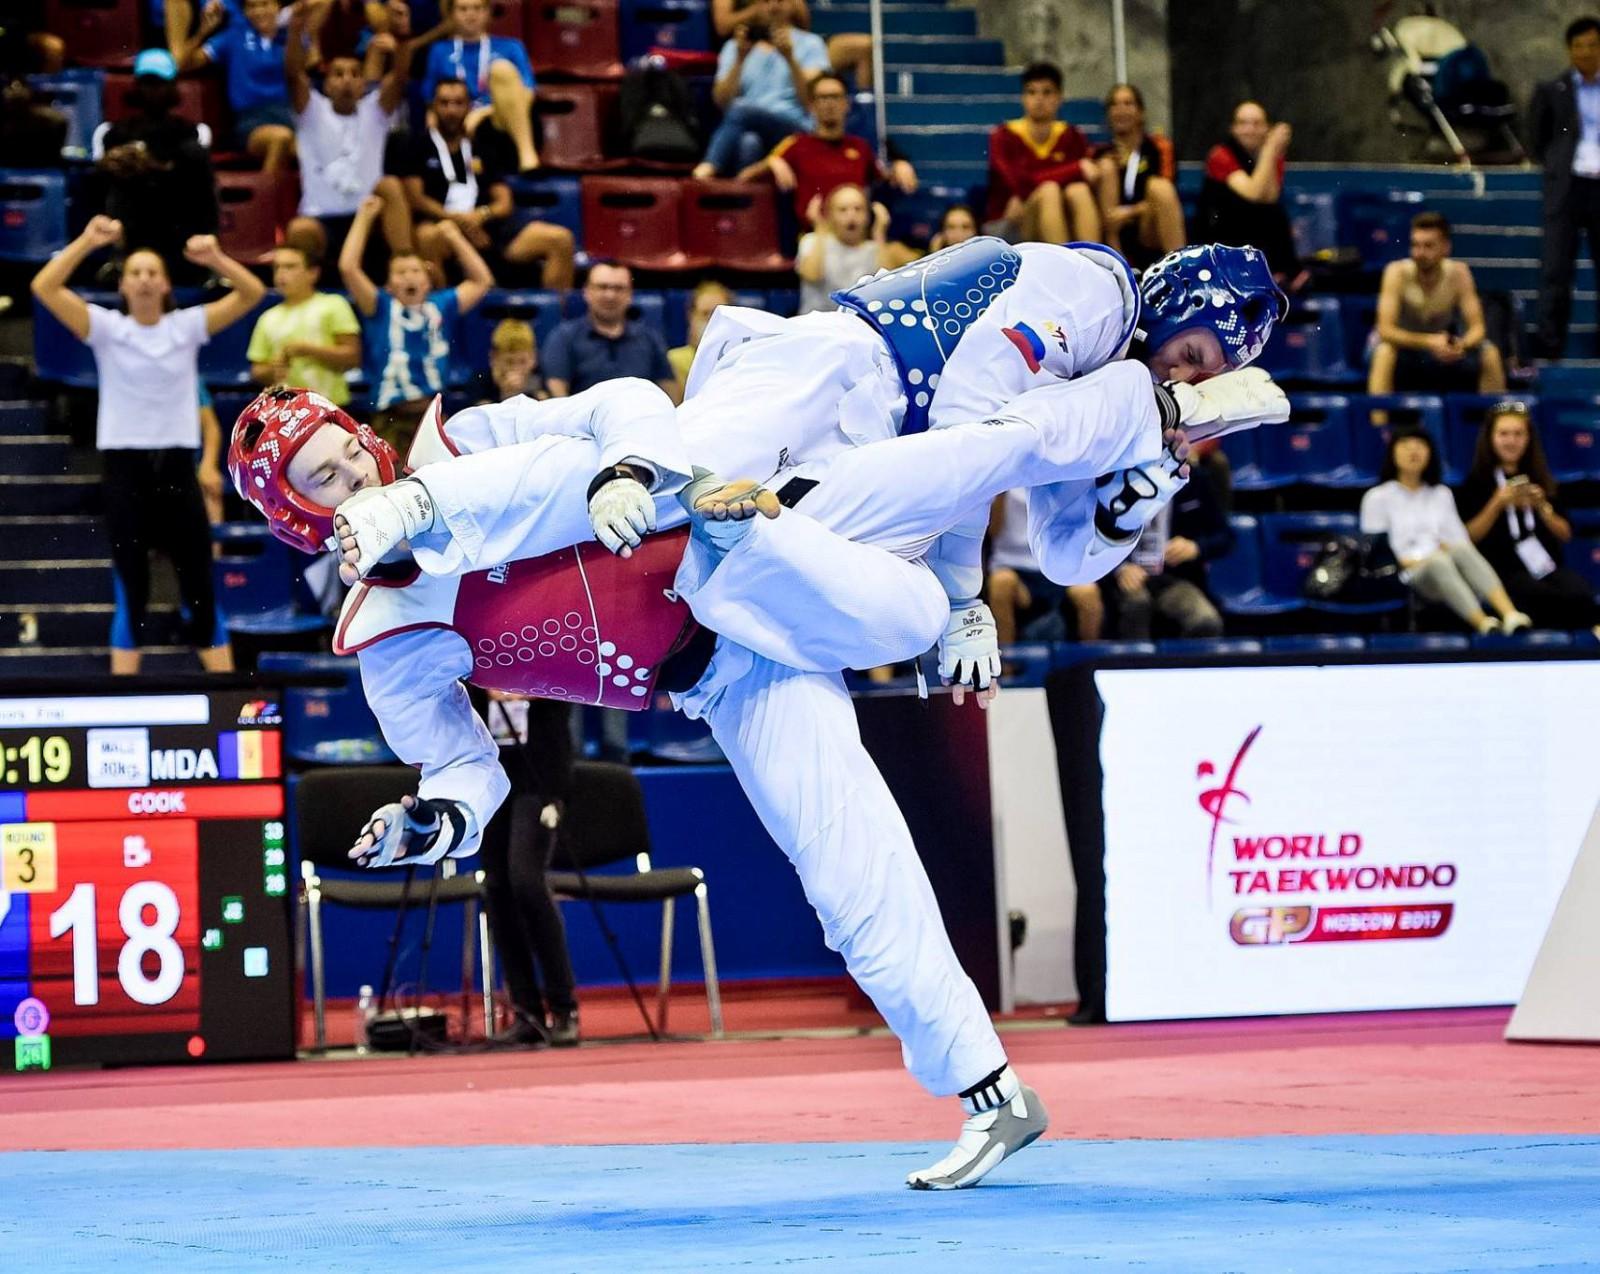 Calea spre culmile sportive a Federației naţionale de Taekwondo WT